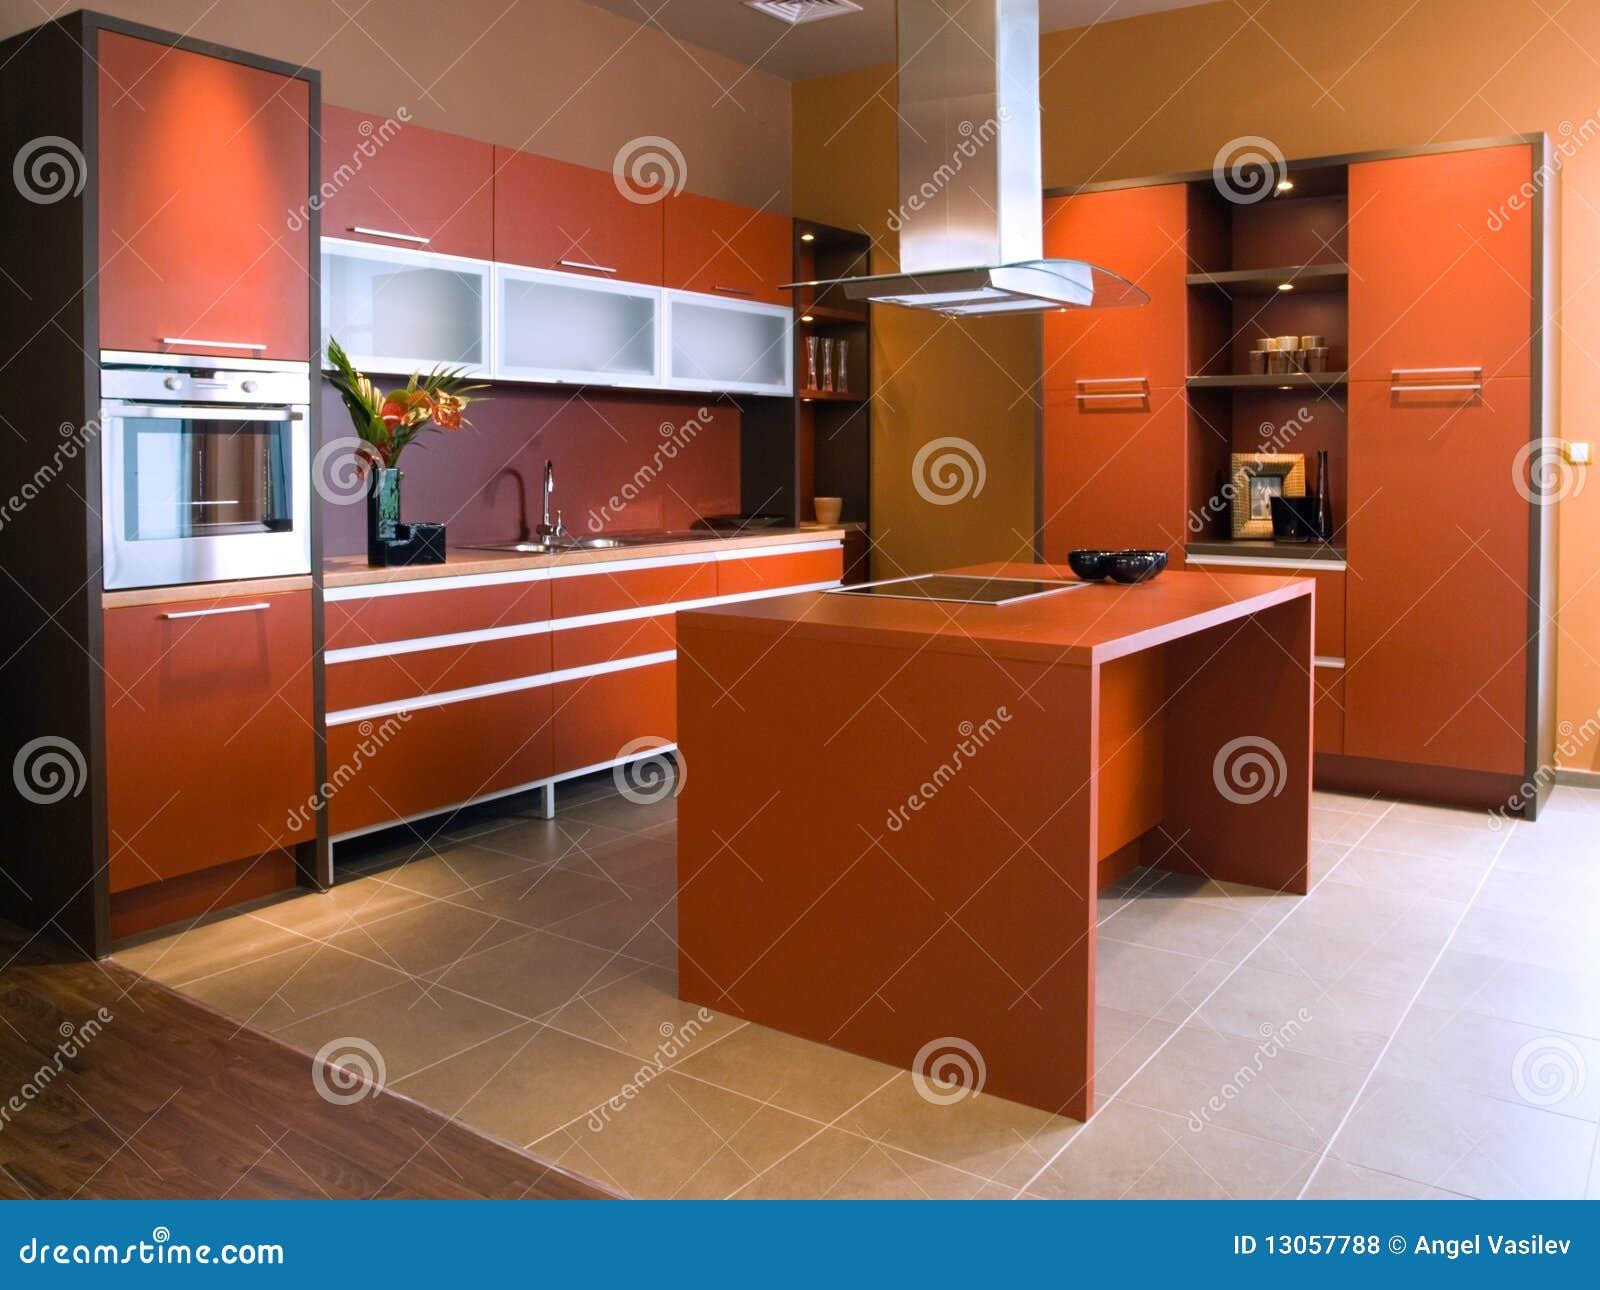 Mooi en modern keuken binnenlands ontwerp.